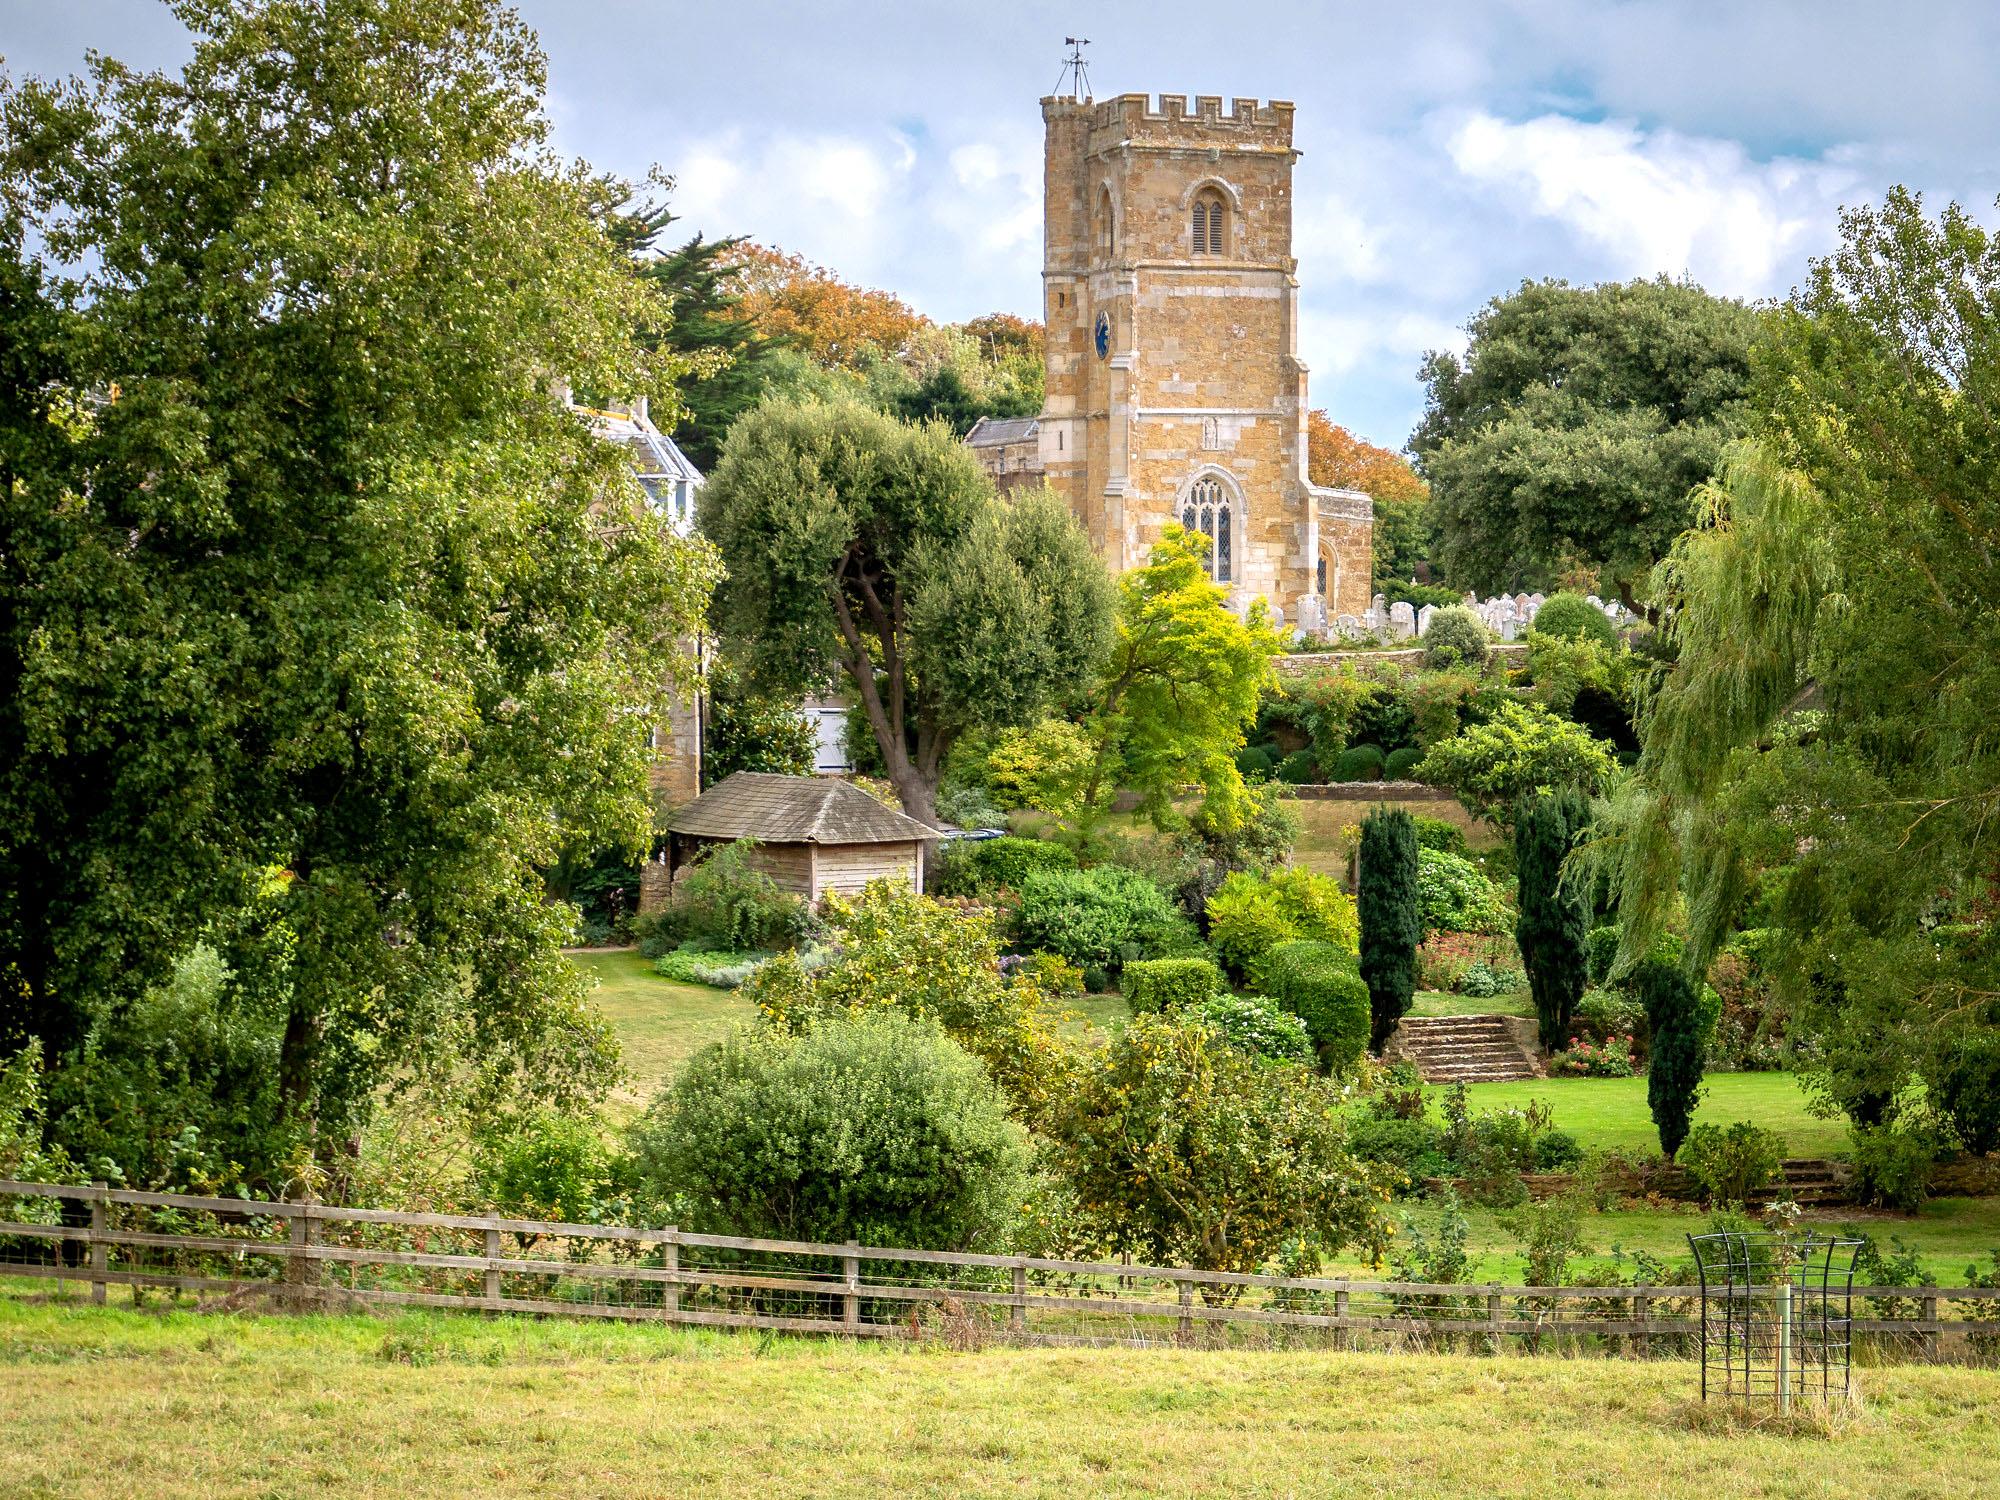 St Nicholas, Abbotsbury, Dorset by Bob Radlinski.jpg